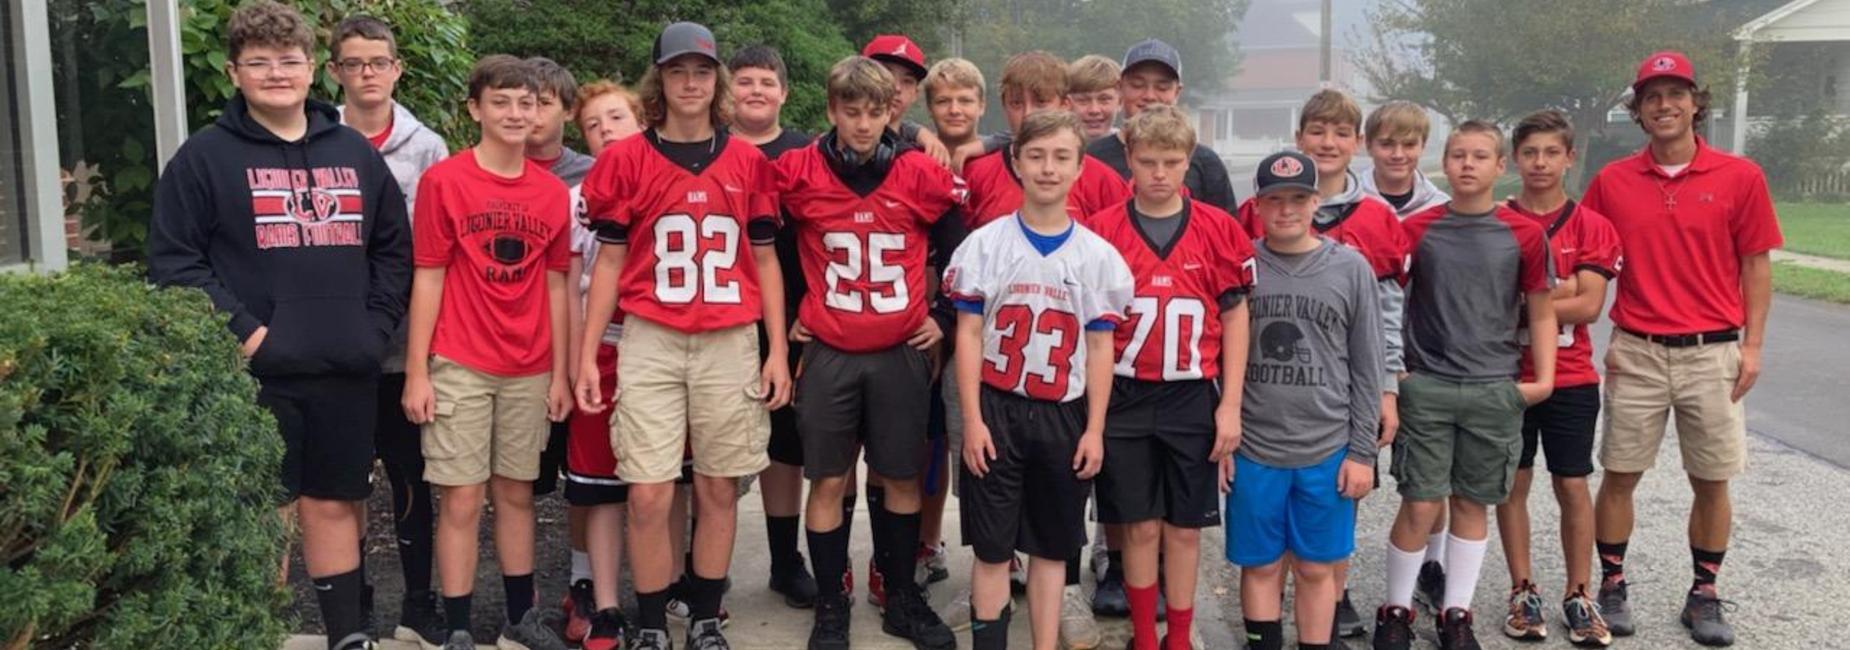 LV MS Football Team at food bank